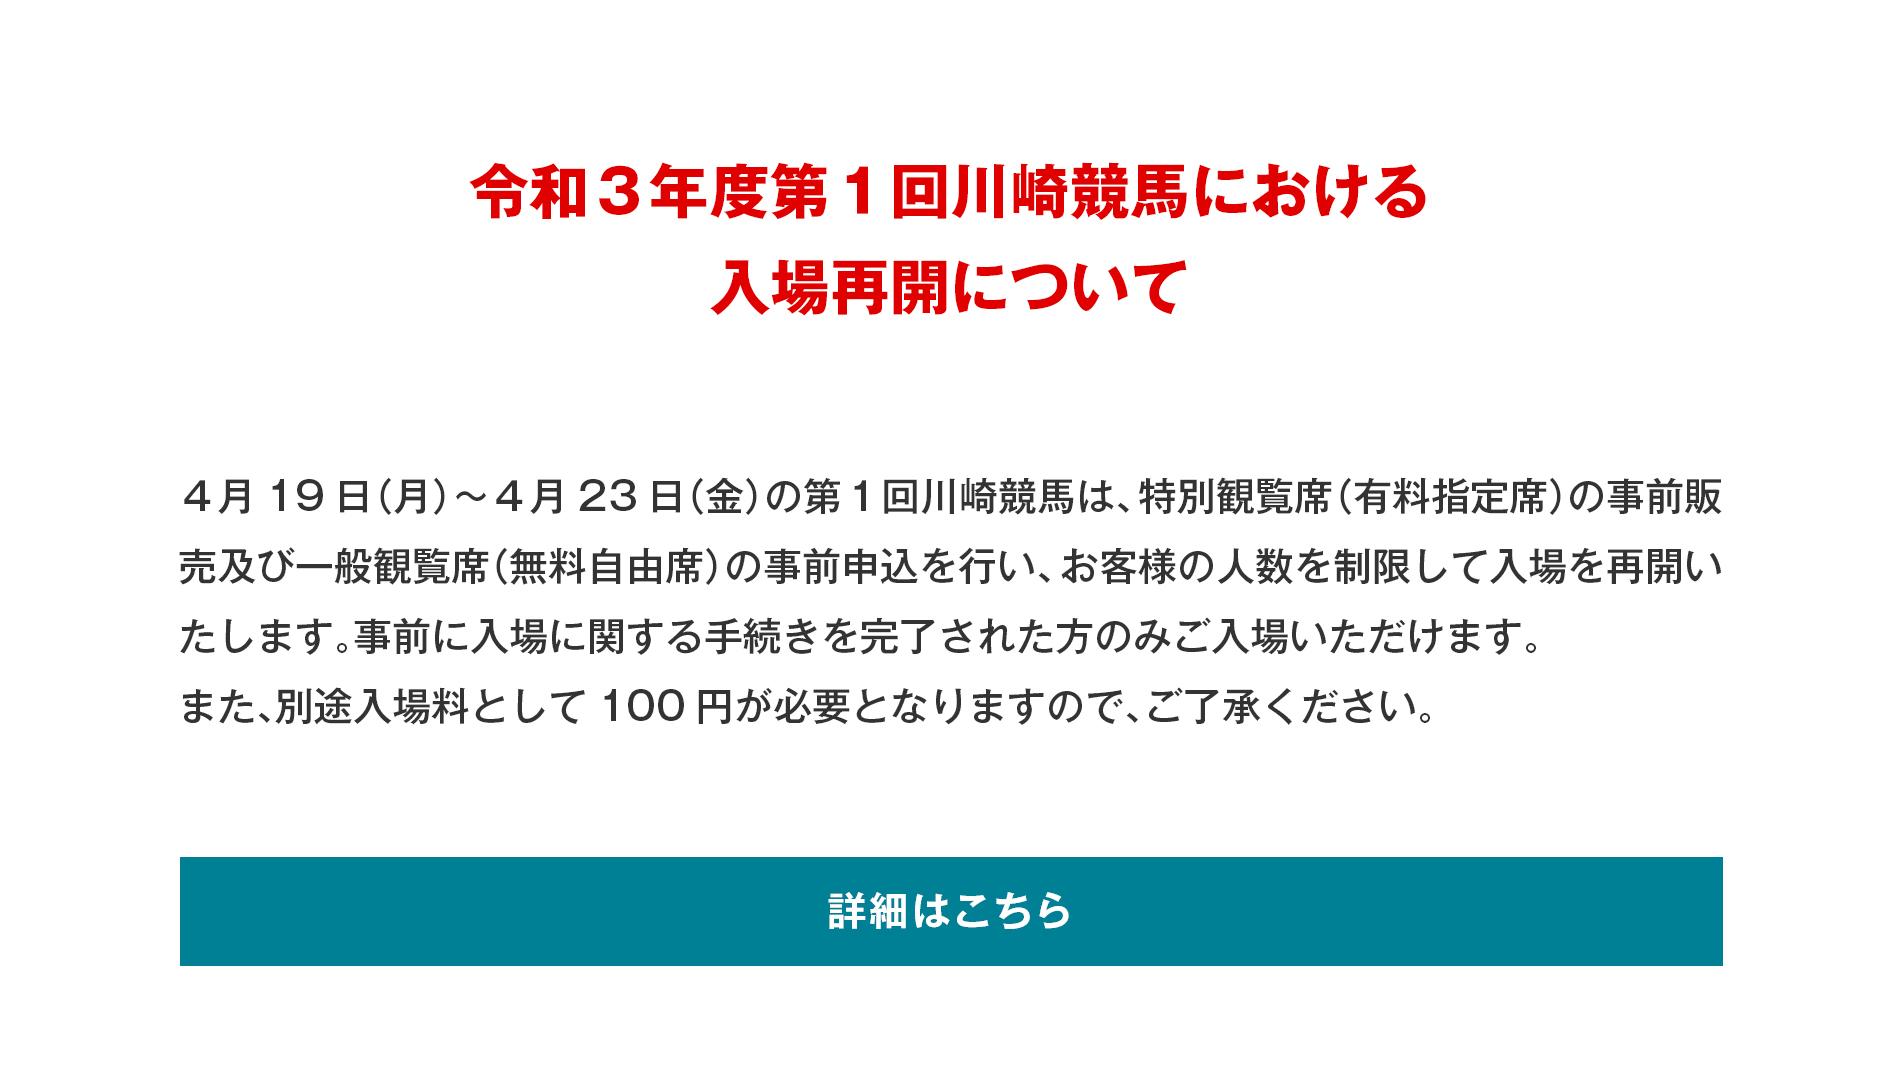 令和3年度第1回川崎競馬における入場再開について